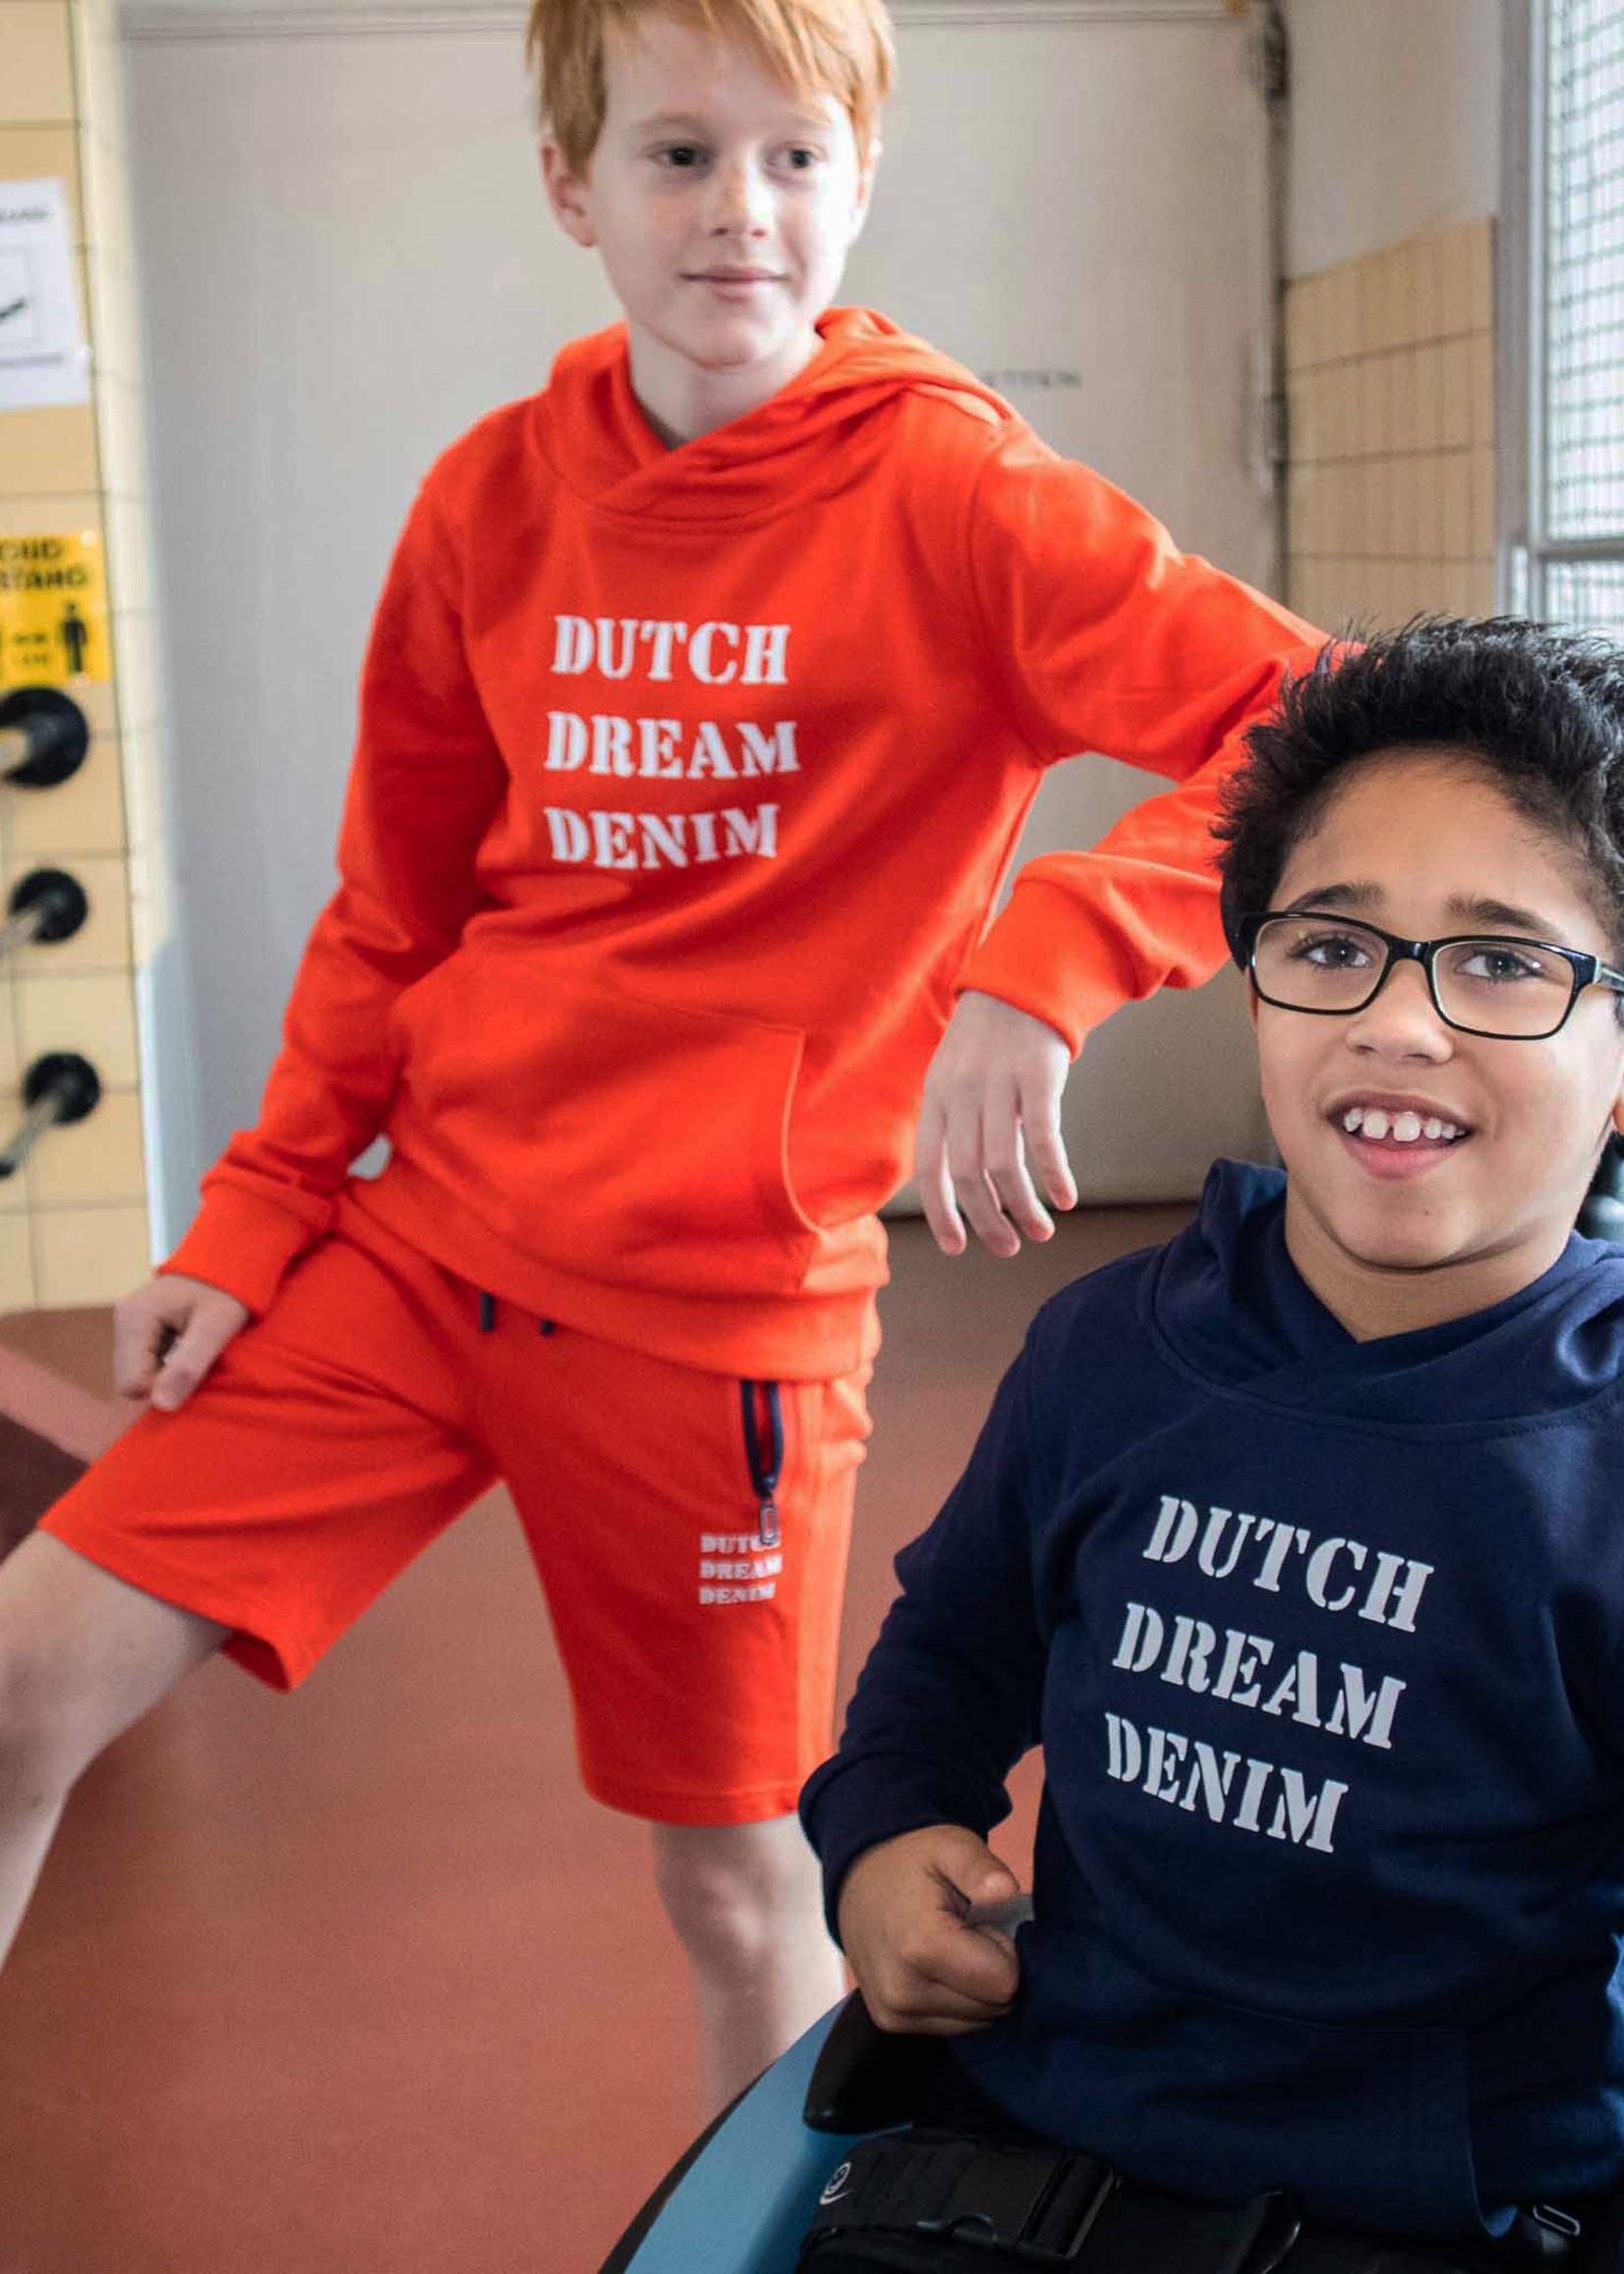 Dutch Dream denim REDIO